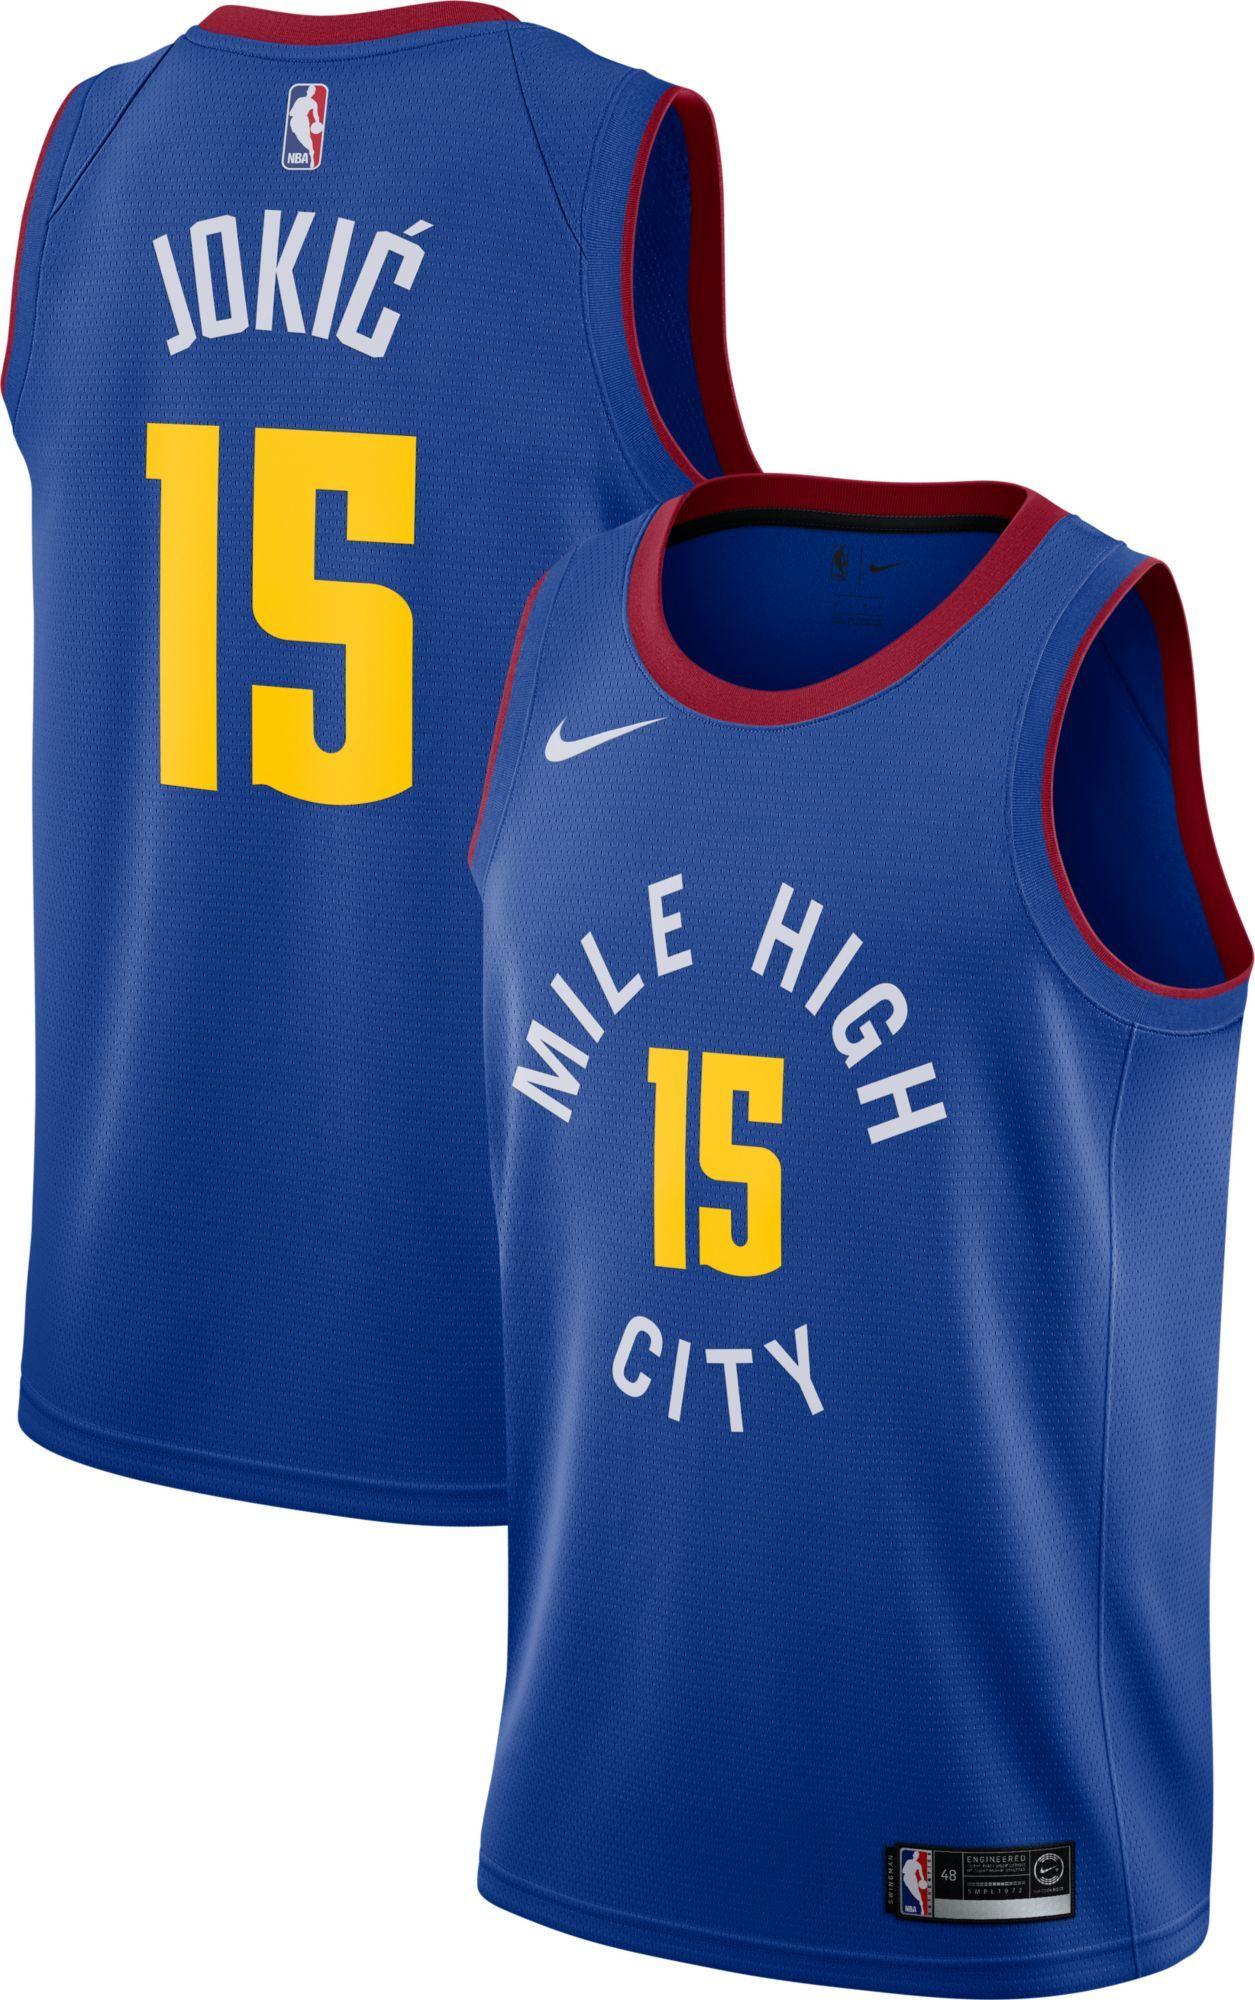 2c54a12132c Nike Men's Denver Nuggets Nikola Jokic #15 Royal Dri-FIT Swingman Jersey,  Size: XXL, Team